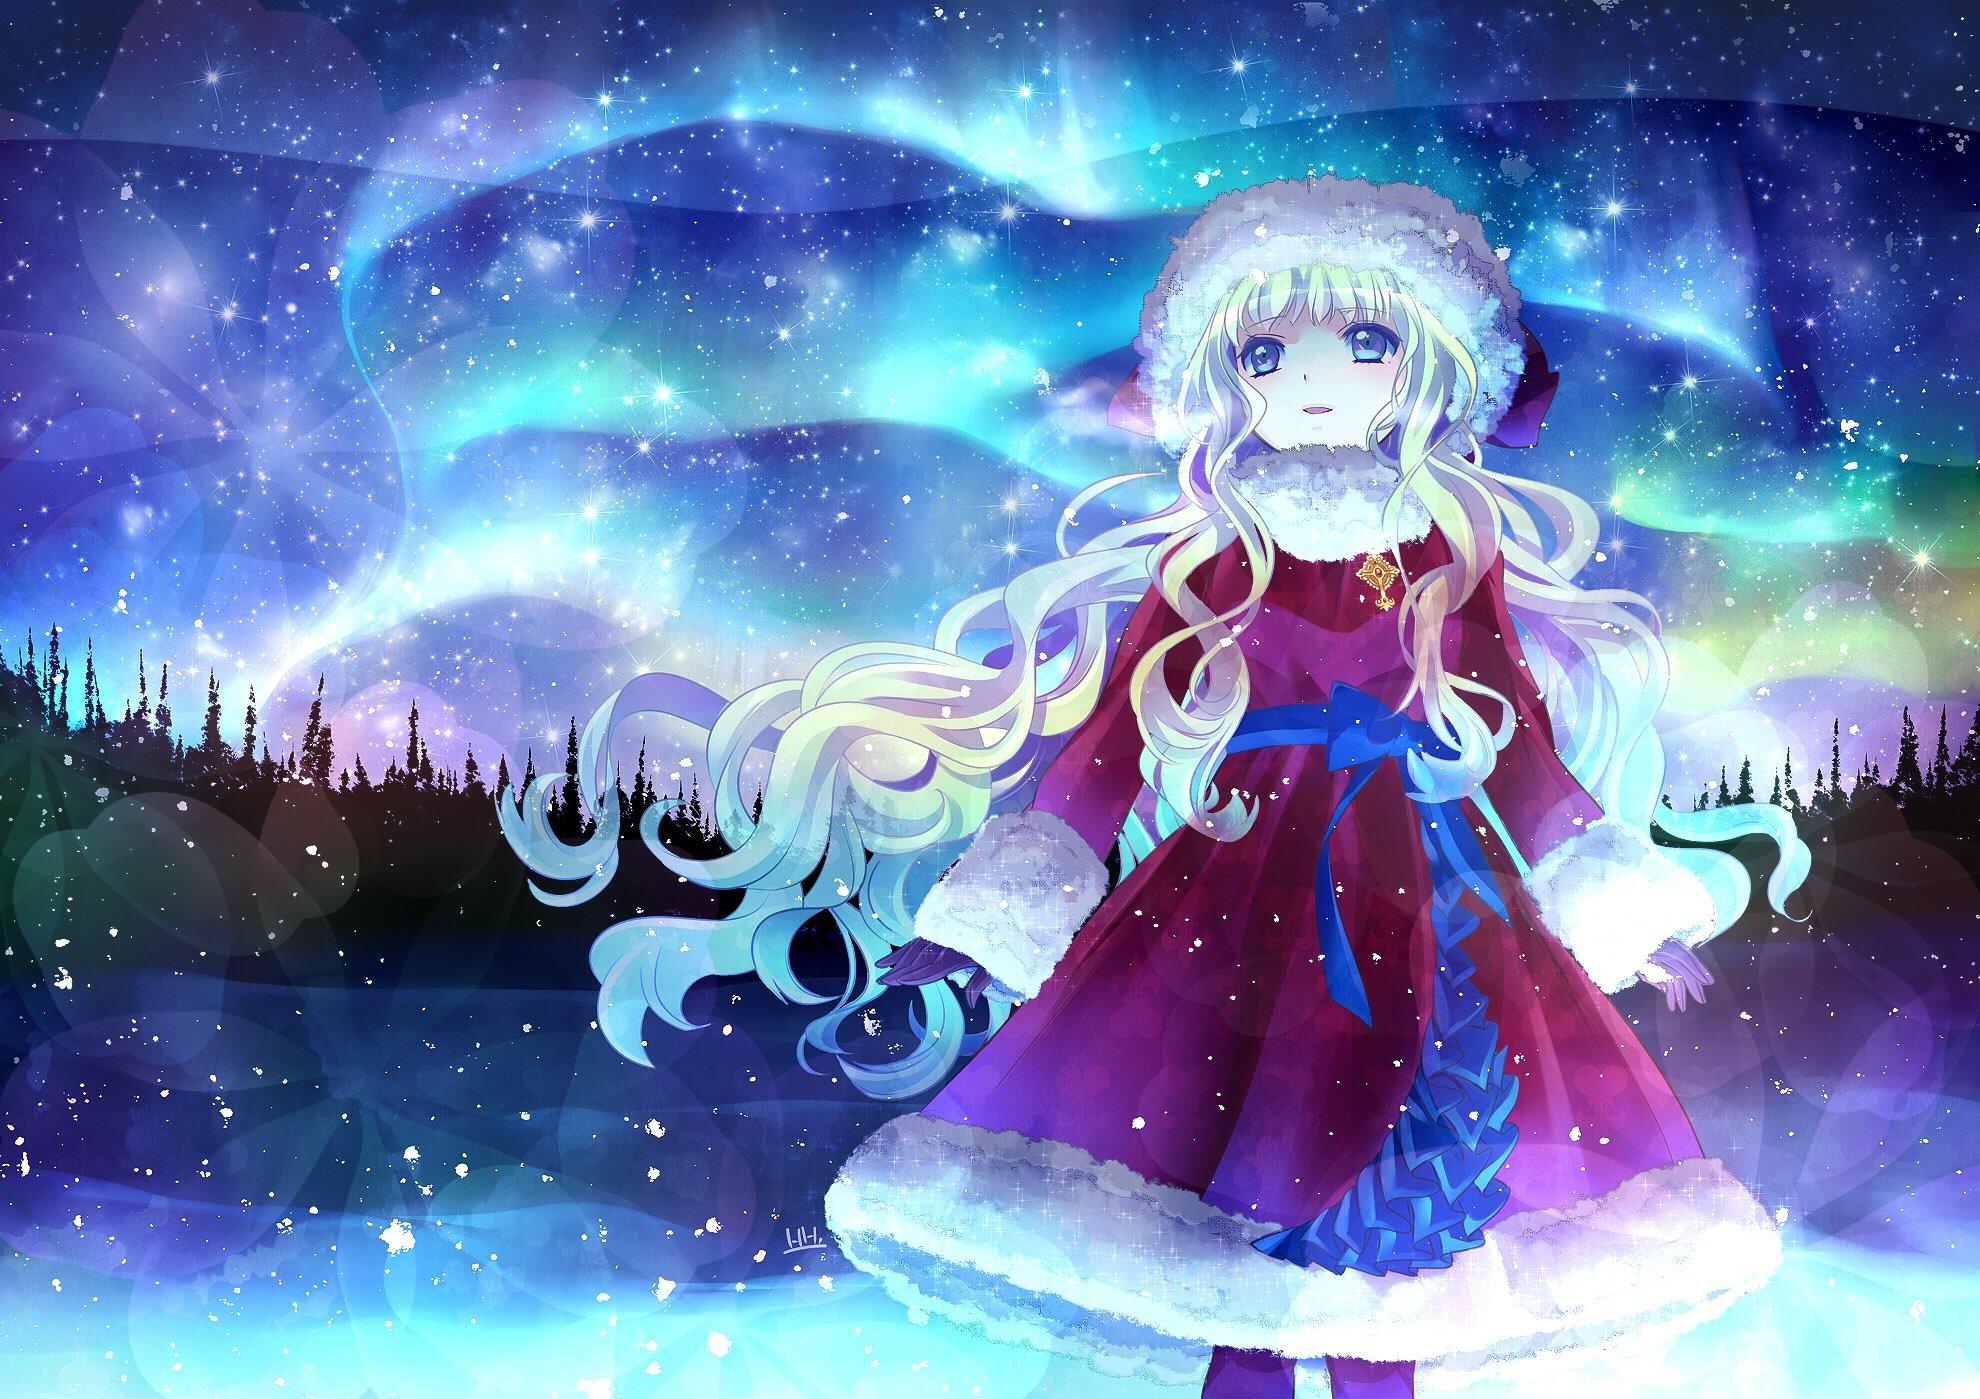 Anime girls hira hirara original aurora winter hat - Winter anime girl wallpaper ...